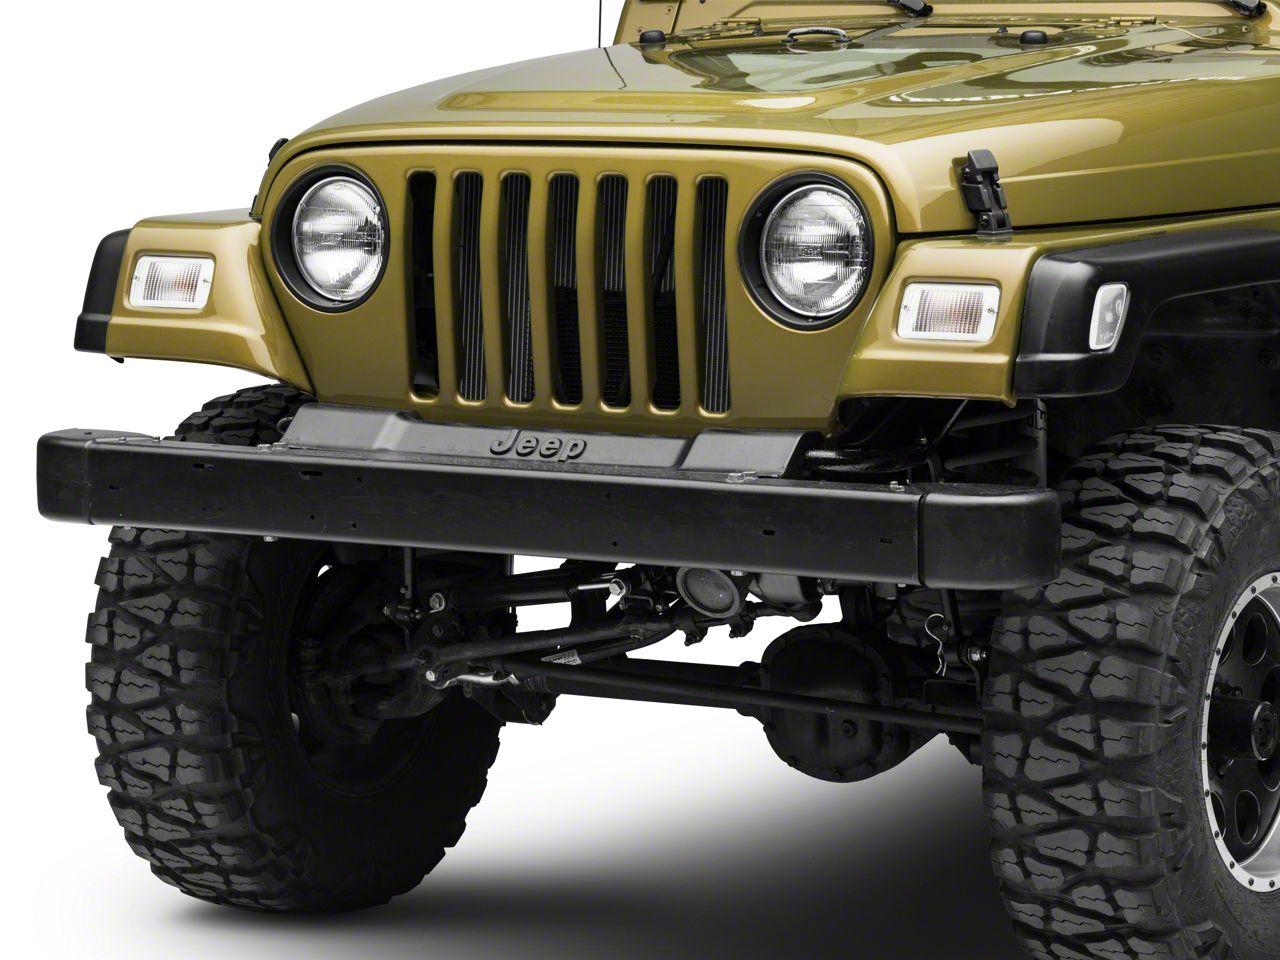 RT Off-Road Parking & Side Marker Light Kit (97-06 Jeep Wrangler TJ)